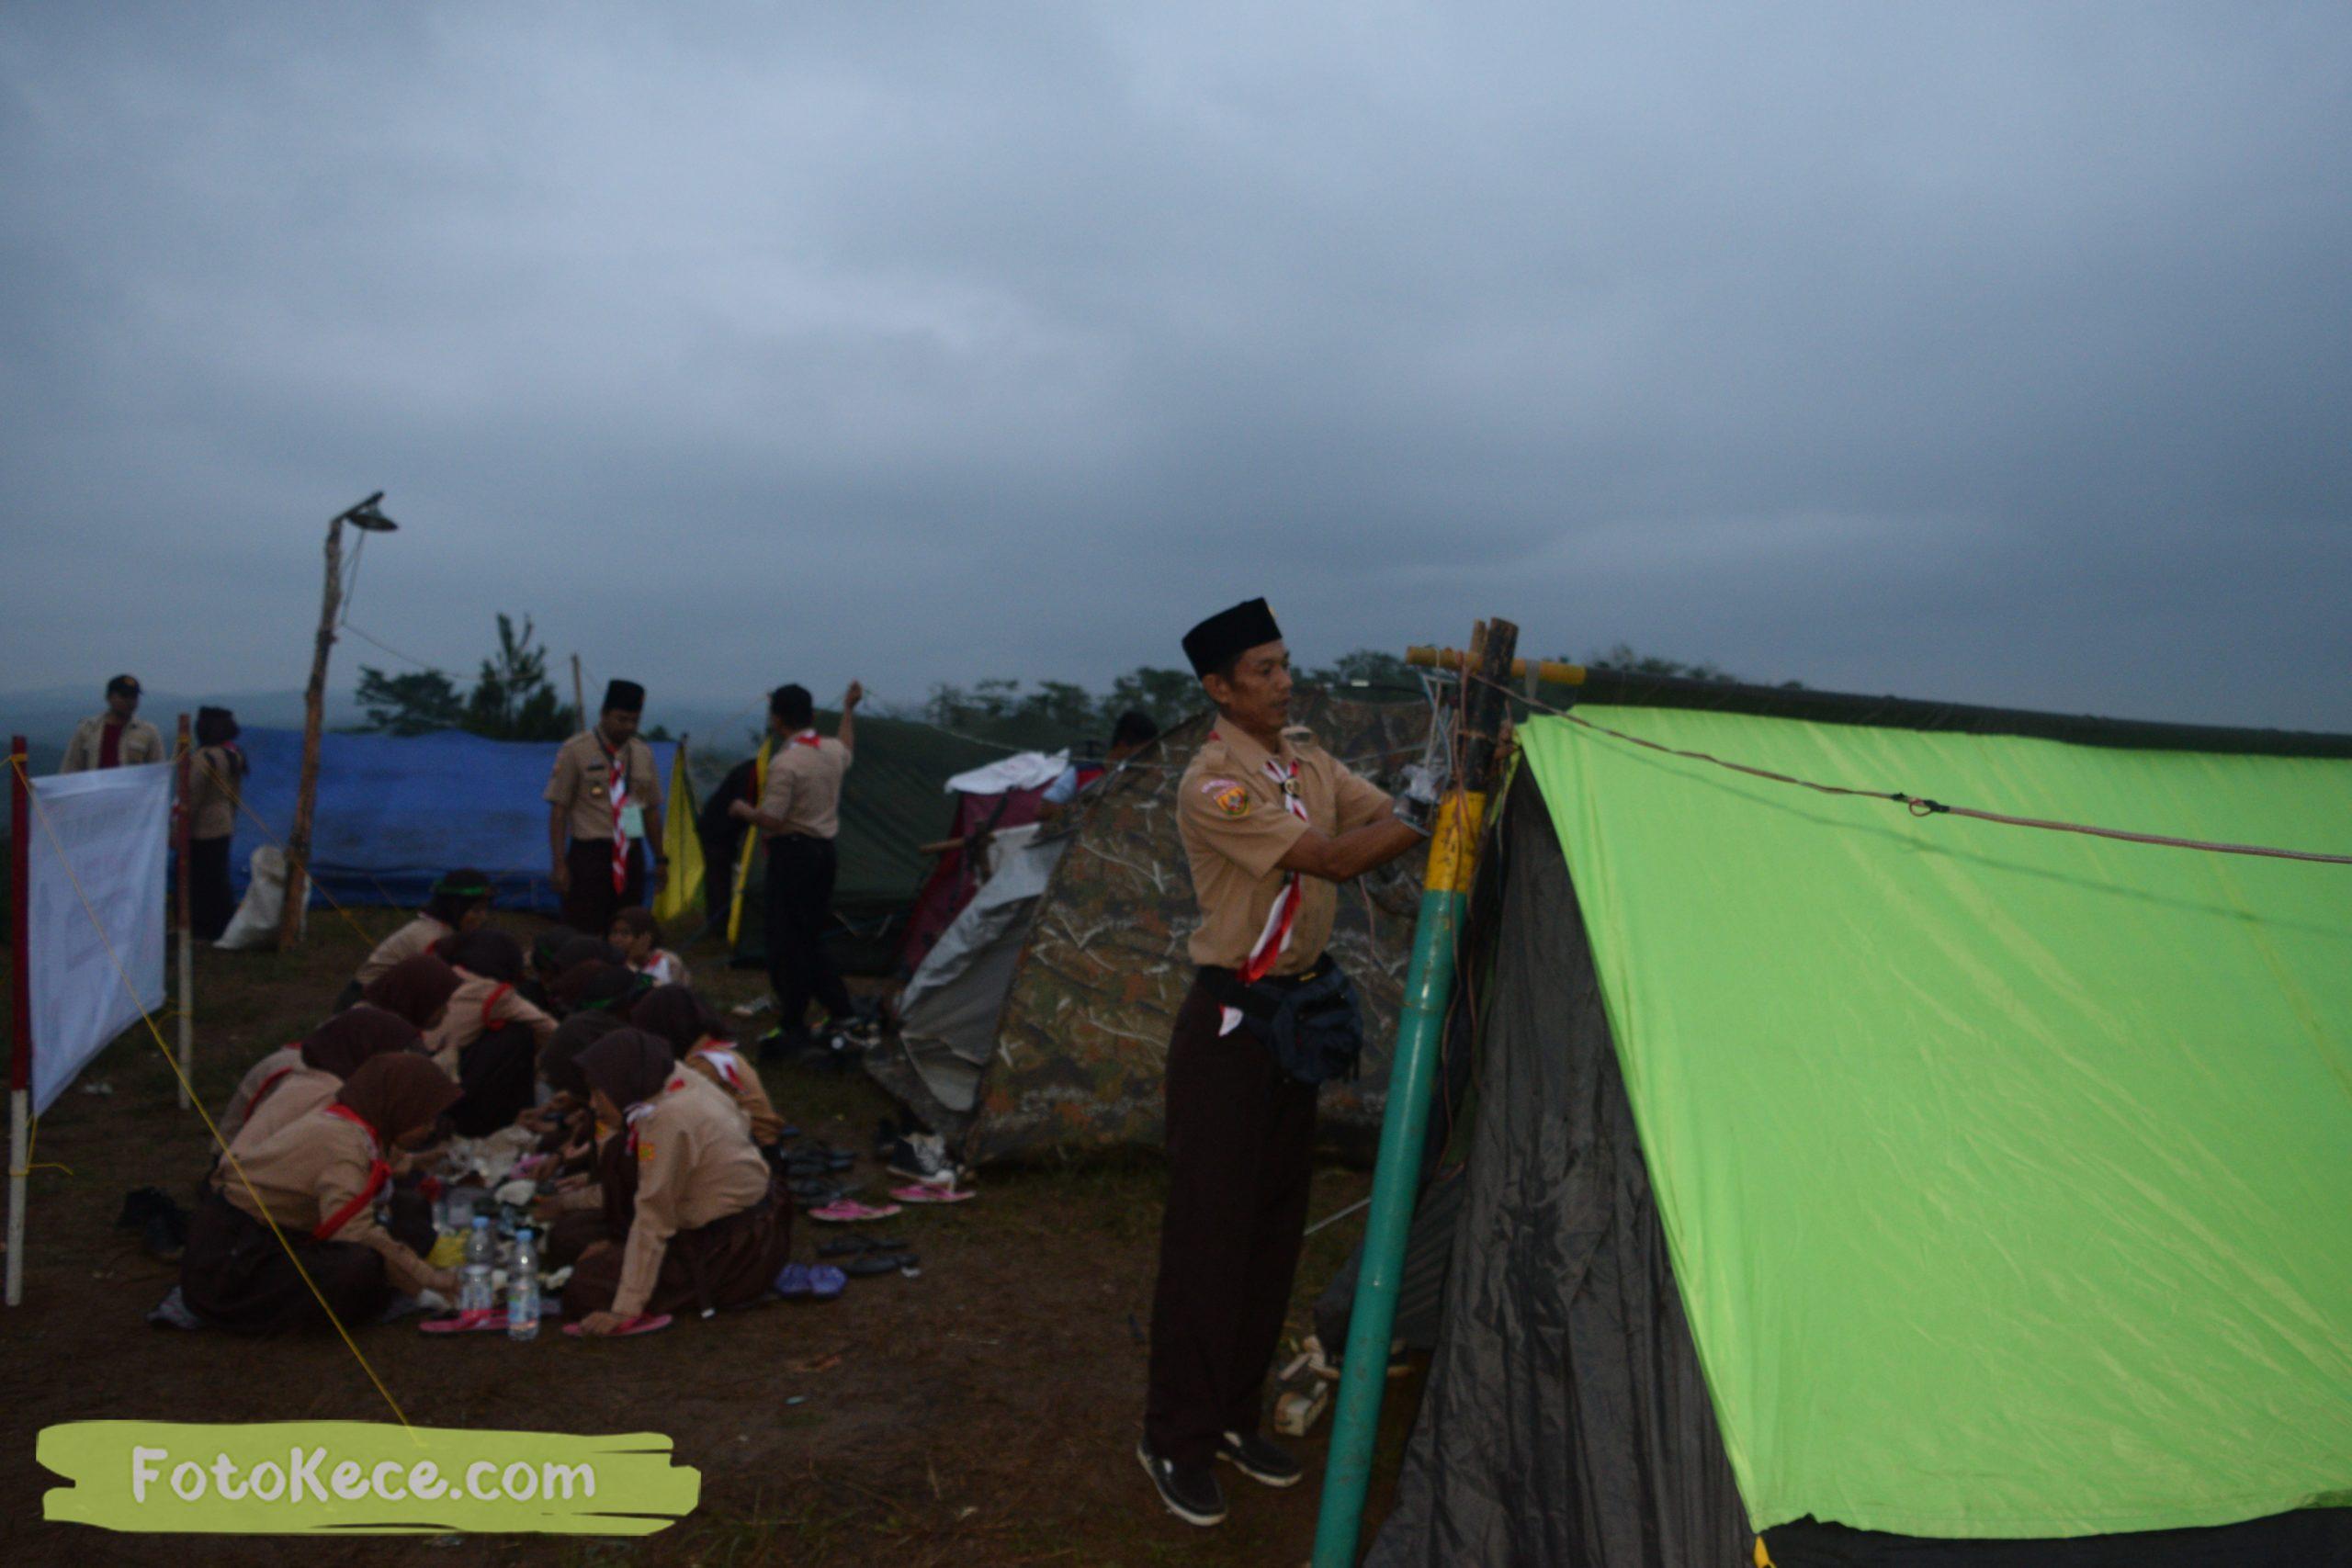 kegiatan sore malam perkemahan narakarya 1 mtsn 2 sukabumi 24 25 januari 2020 pramuka hebat puncak buluh foto kece 35 scaled